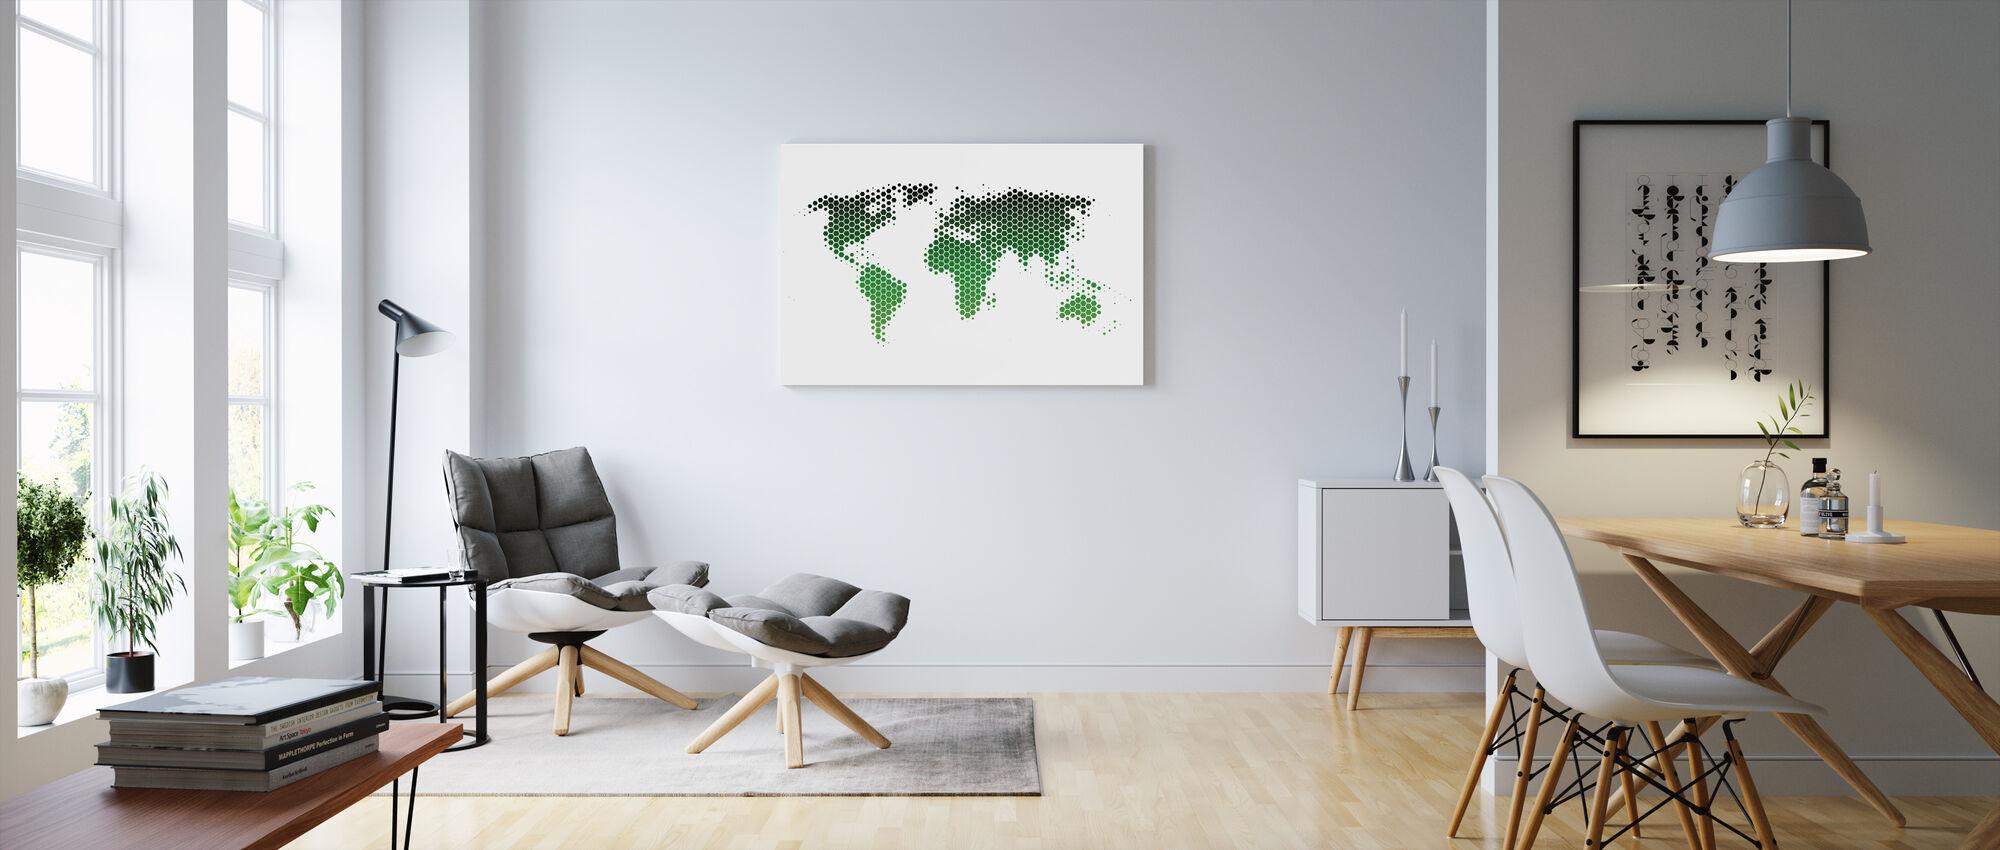 Feuille de métal de la carte du monde - Vert - Impression sur toile - Salle à manger